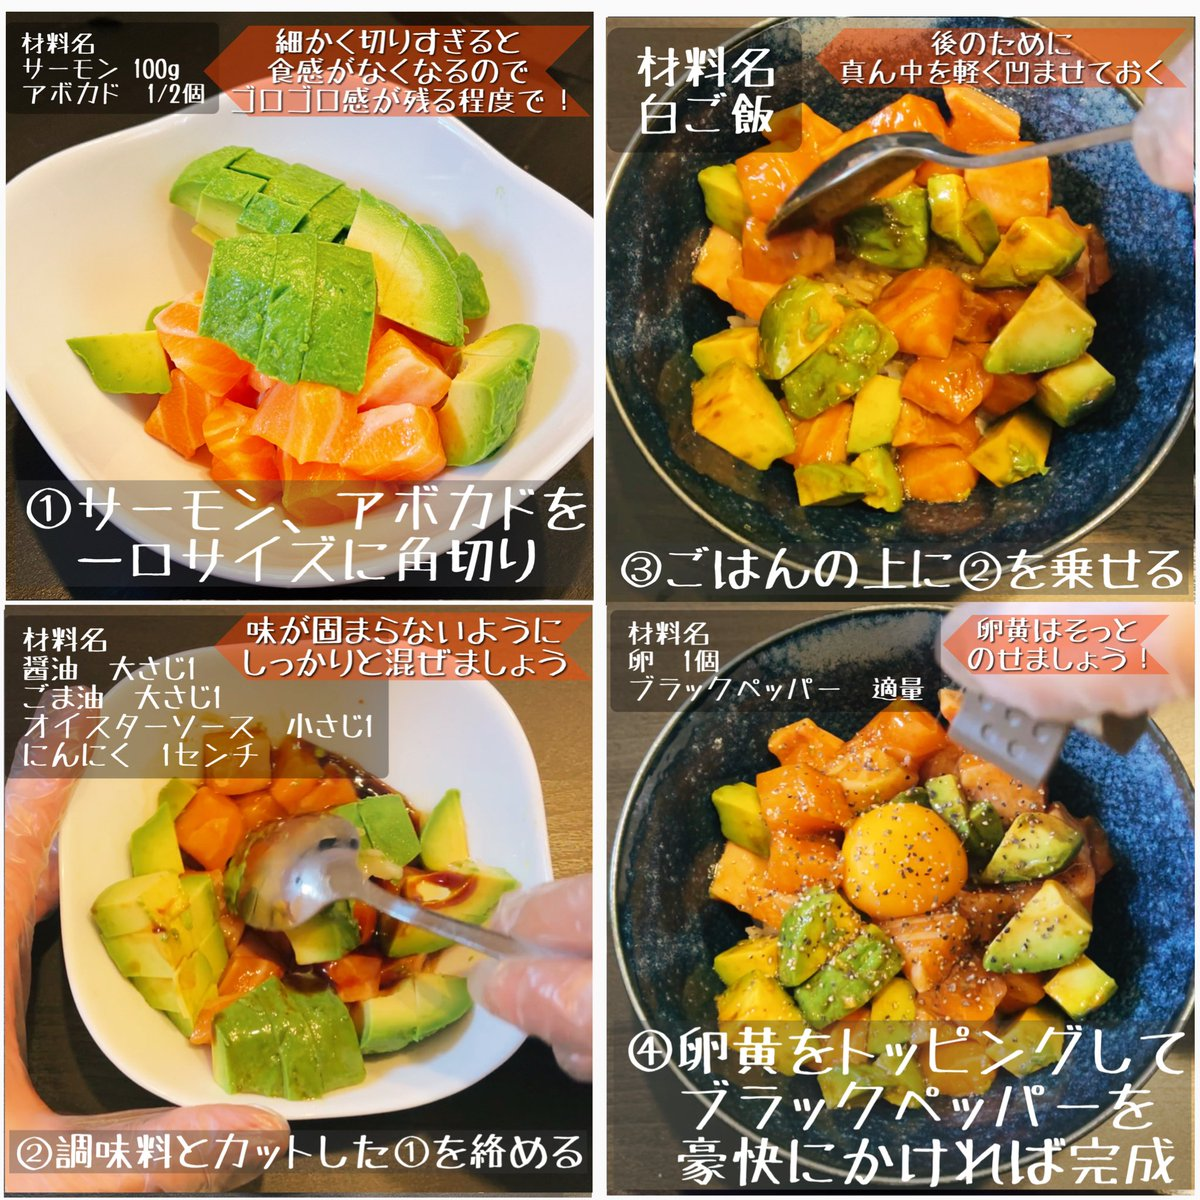 食材のゴロゴロ感が凄く美味しそう・・・!ささっと作れちゃう簡単ごはん「サーモンポキ丼」のレシピ!